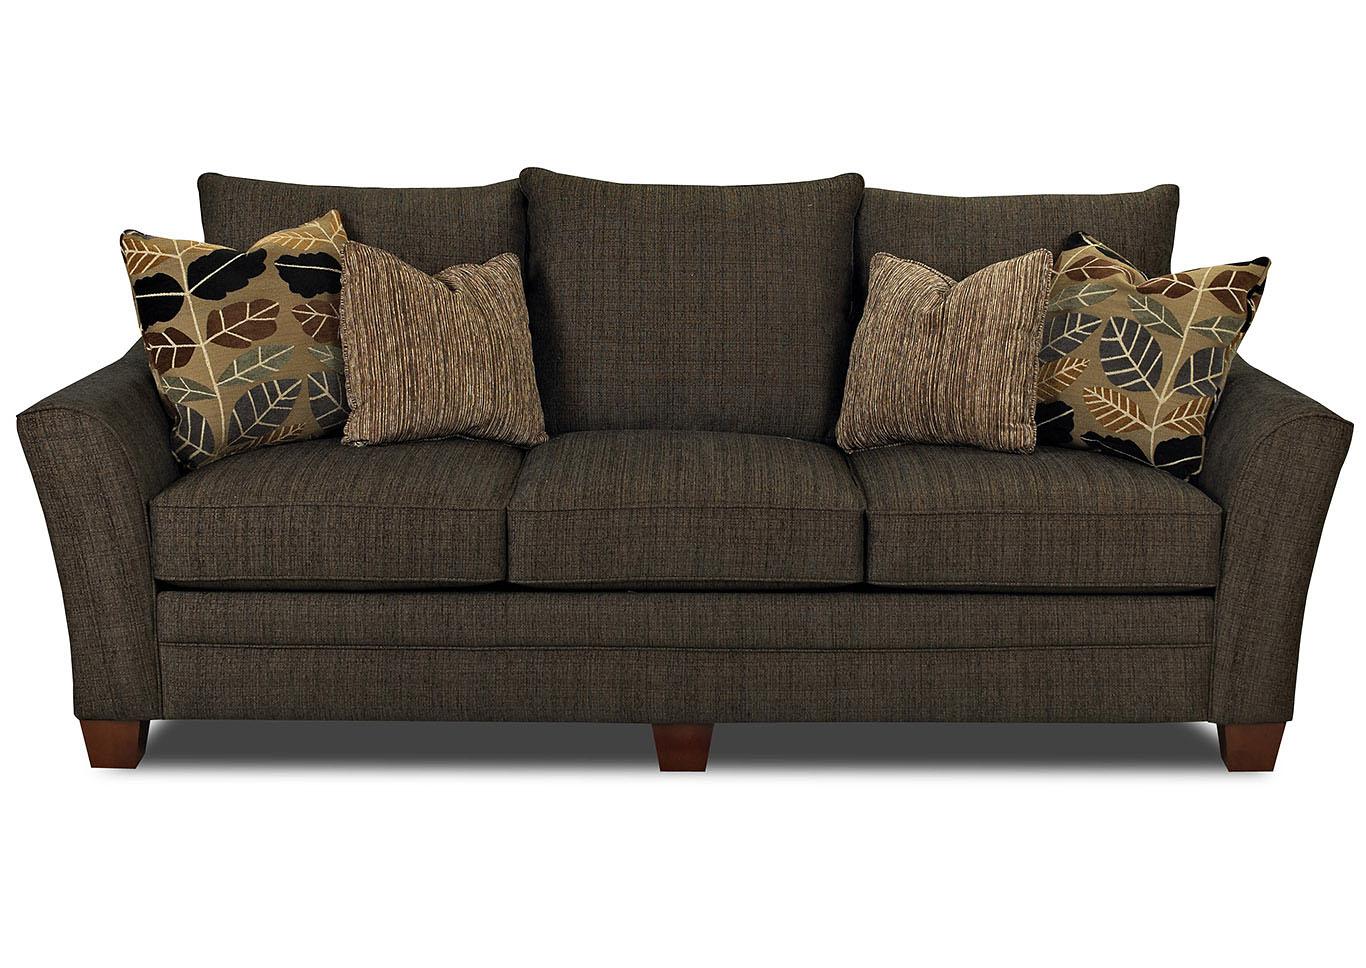 Best Buy Furniture and Mattress Posen Dark Brown Stationary ...